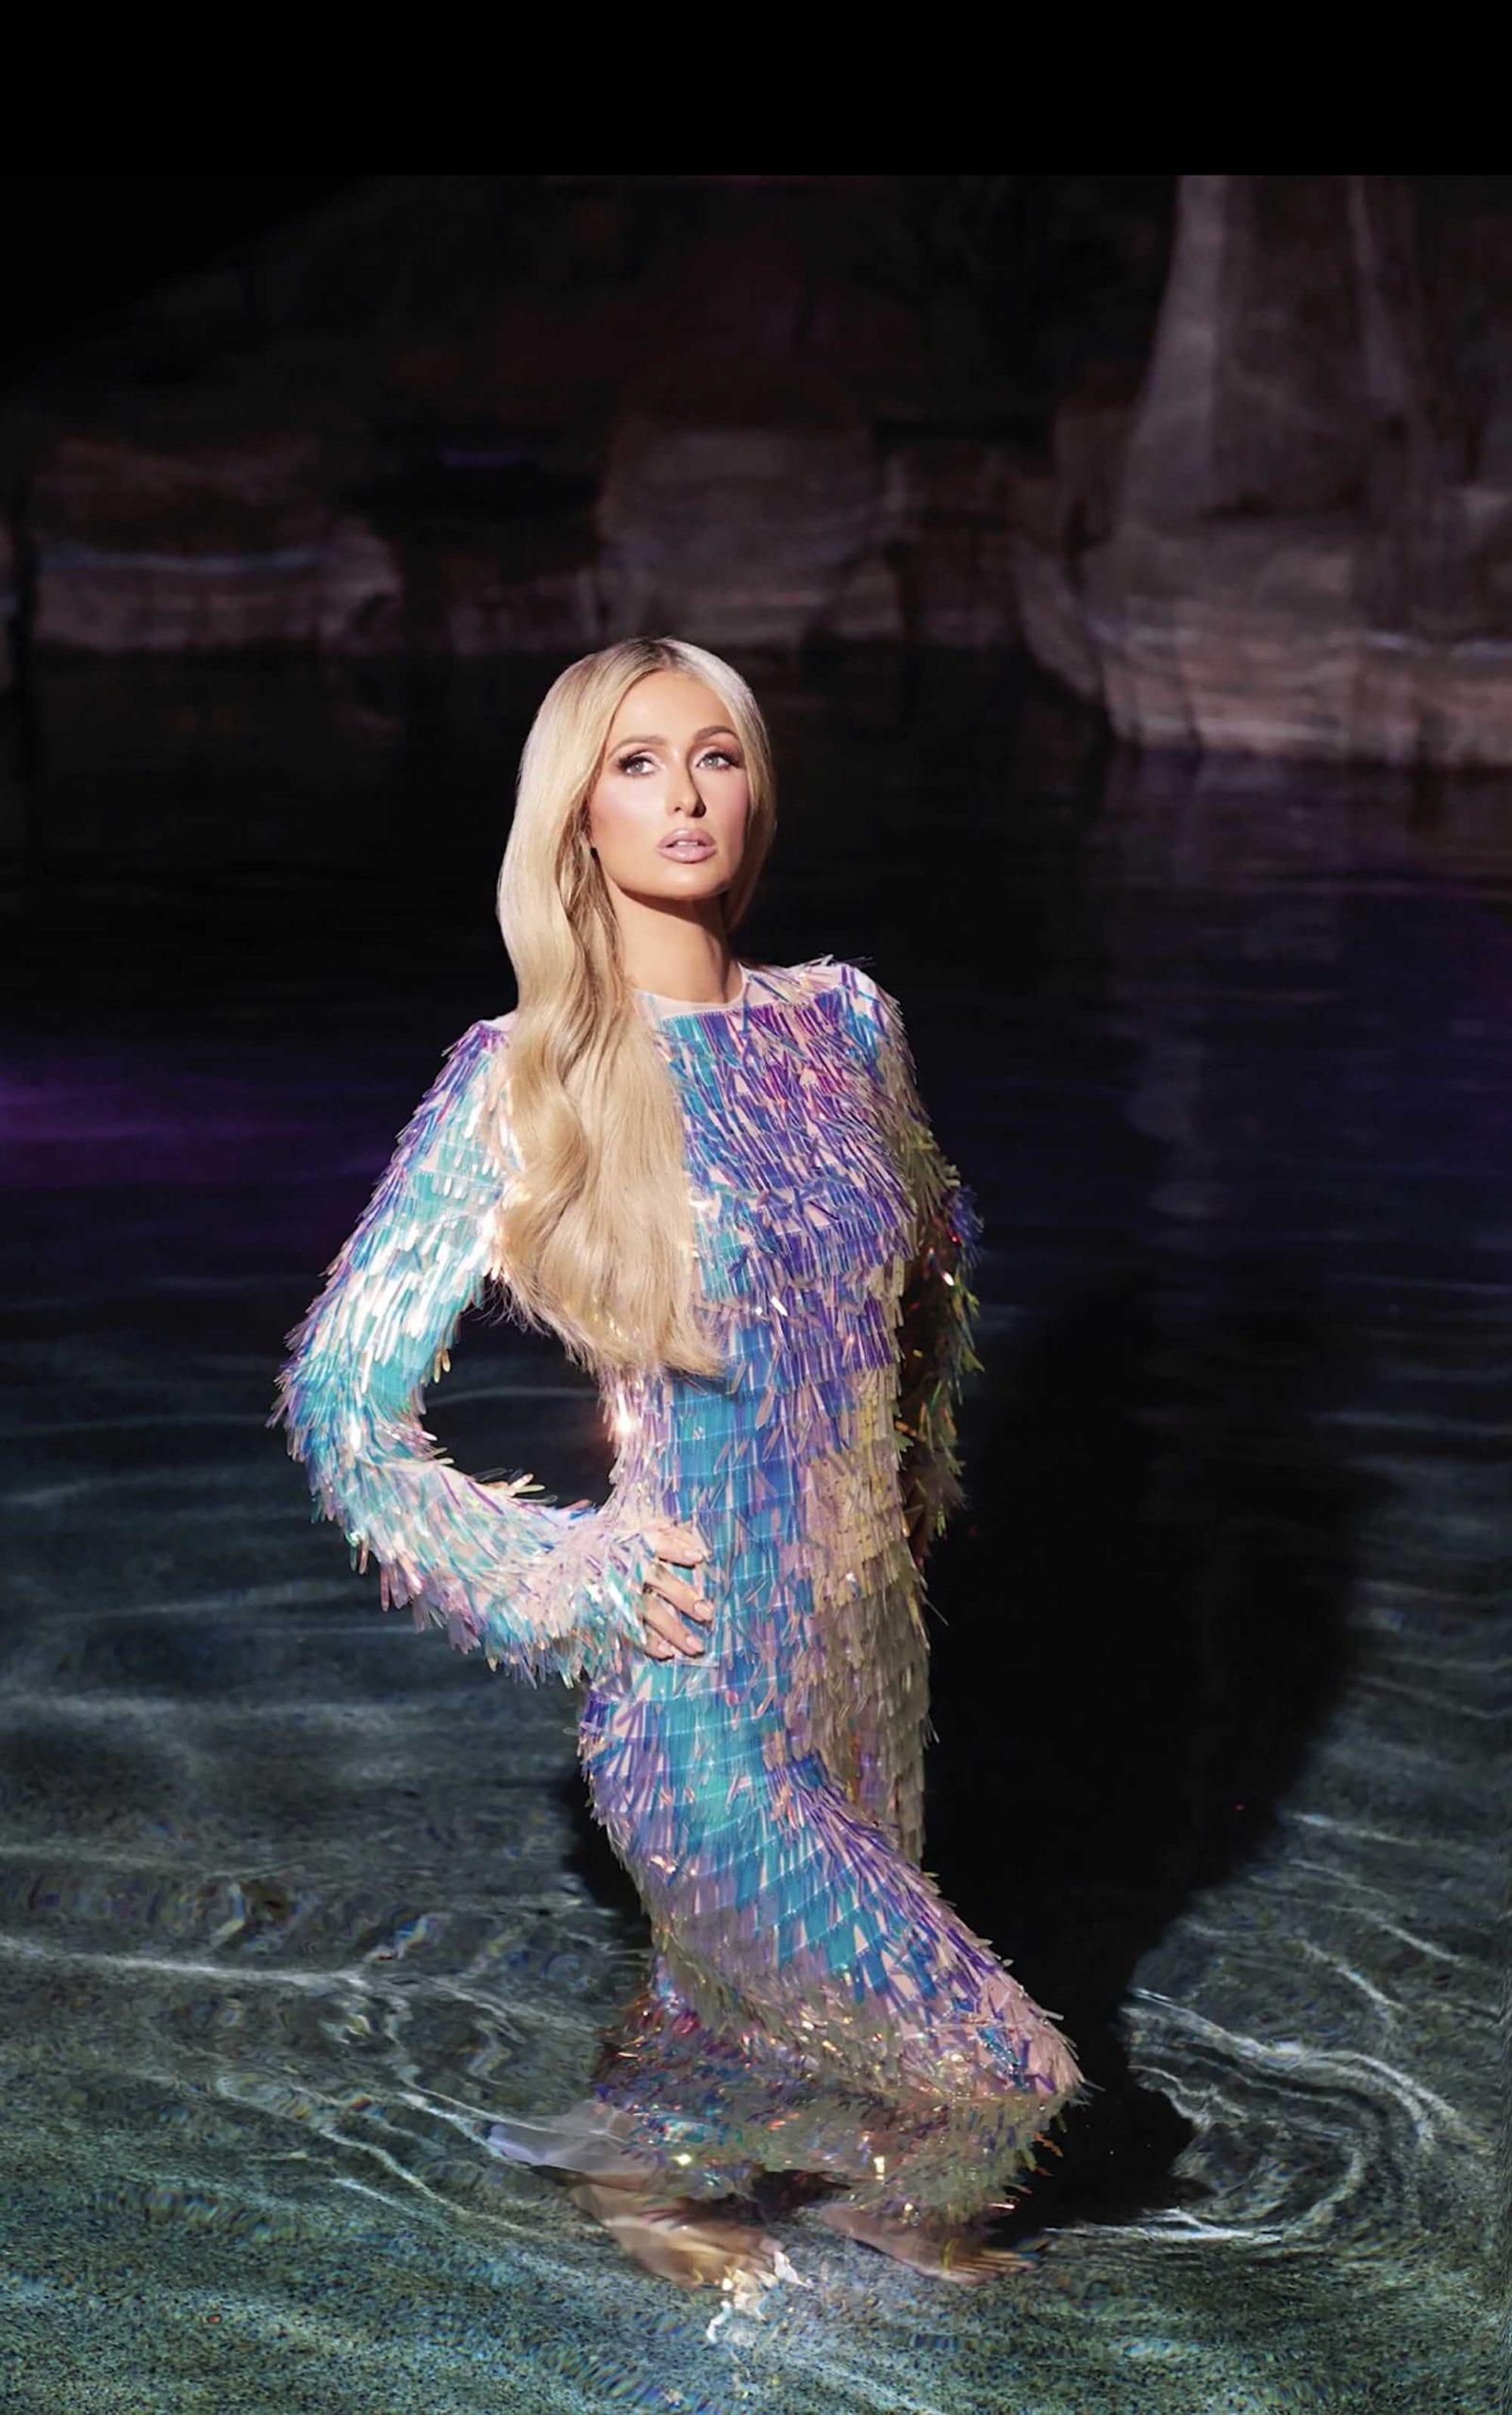 פריס הילטון בשמלה של אלון ליבנה למגזין קוסמופוליטן דצמבר 2019 צילום יחצ חול, מגזין אופנה